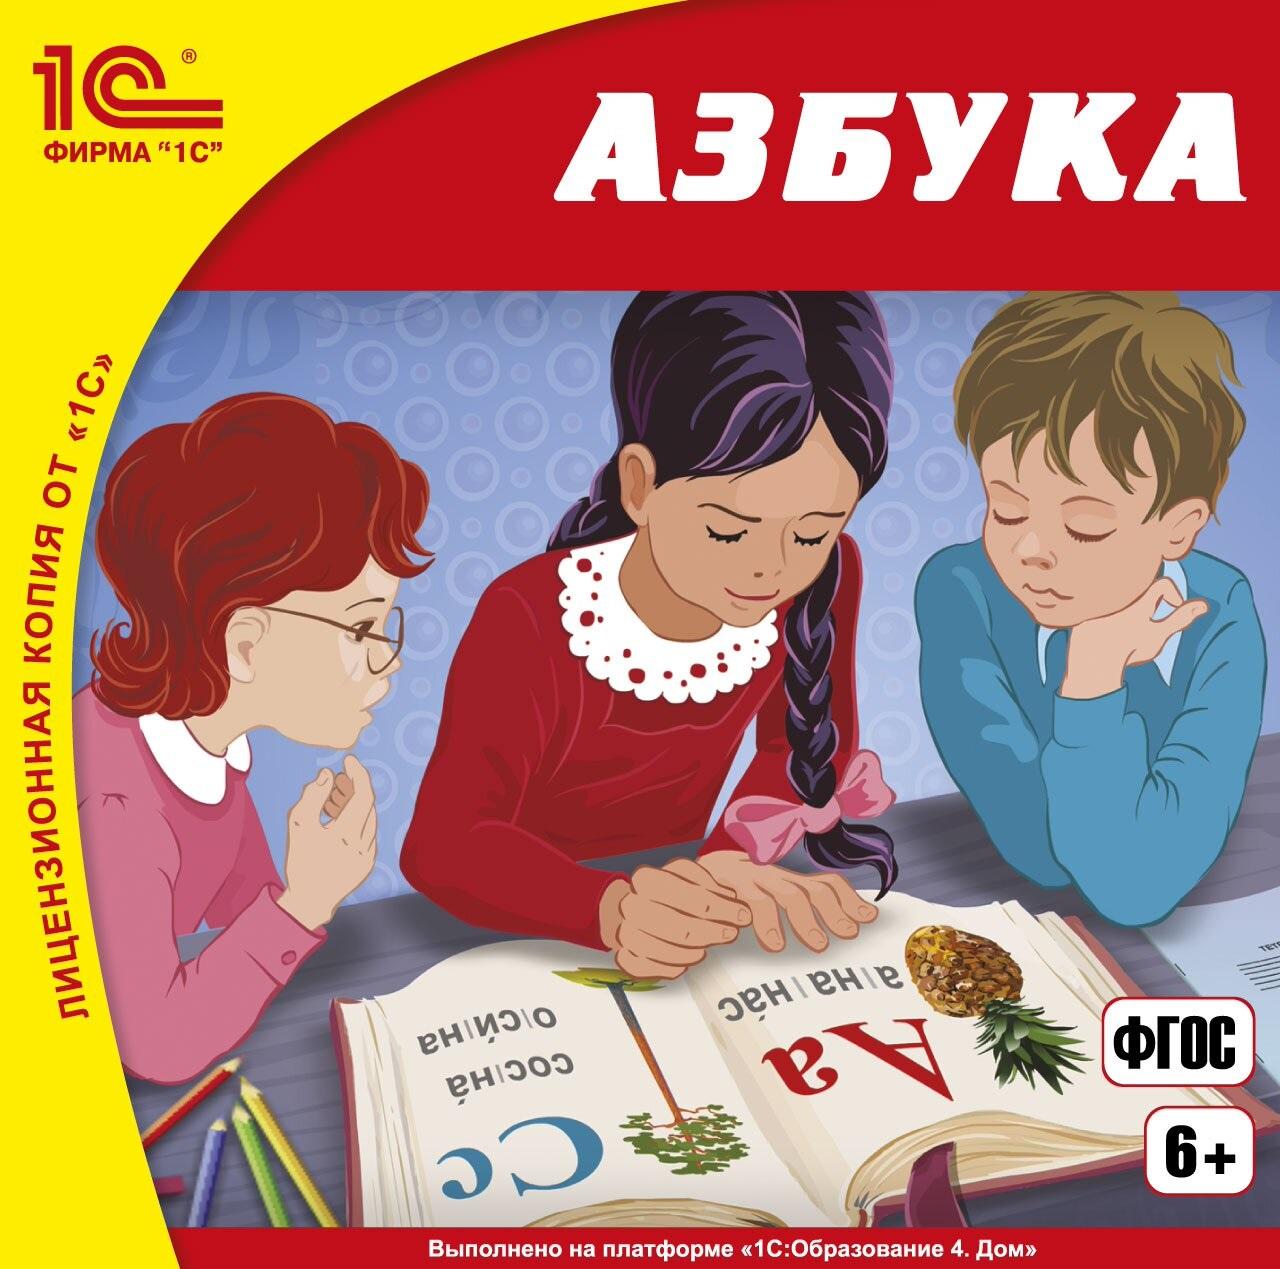 АзбукаЗанимаясь с электронным учебным пособием Азбука, ребенок выучит буквы русского алфавита, поупражняется в различении согласных и гласных звуков, научится читать и писать, начнет осваивать важные общеучебные универсальные действия – поиск и обработку информации, построение речевых высказываний в устной и письменной форме.<br>